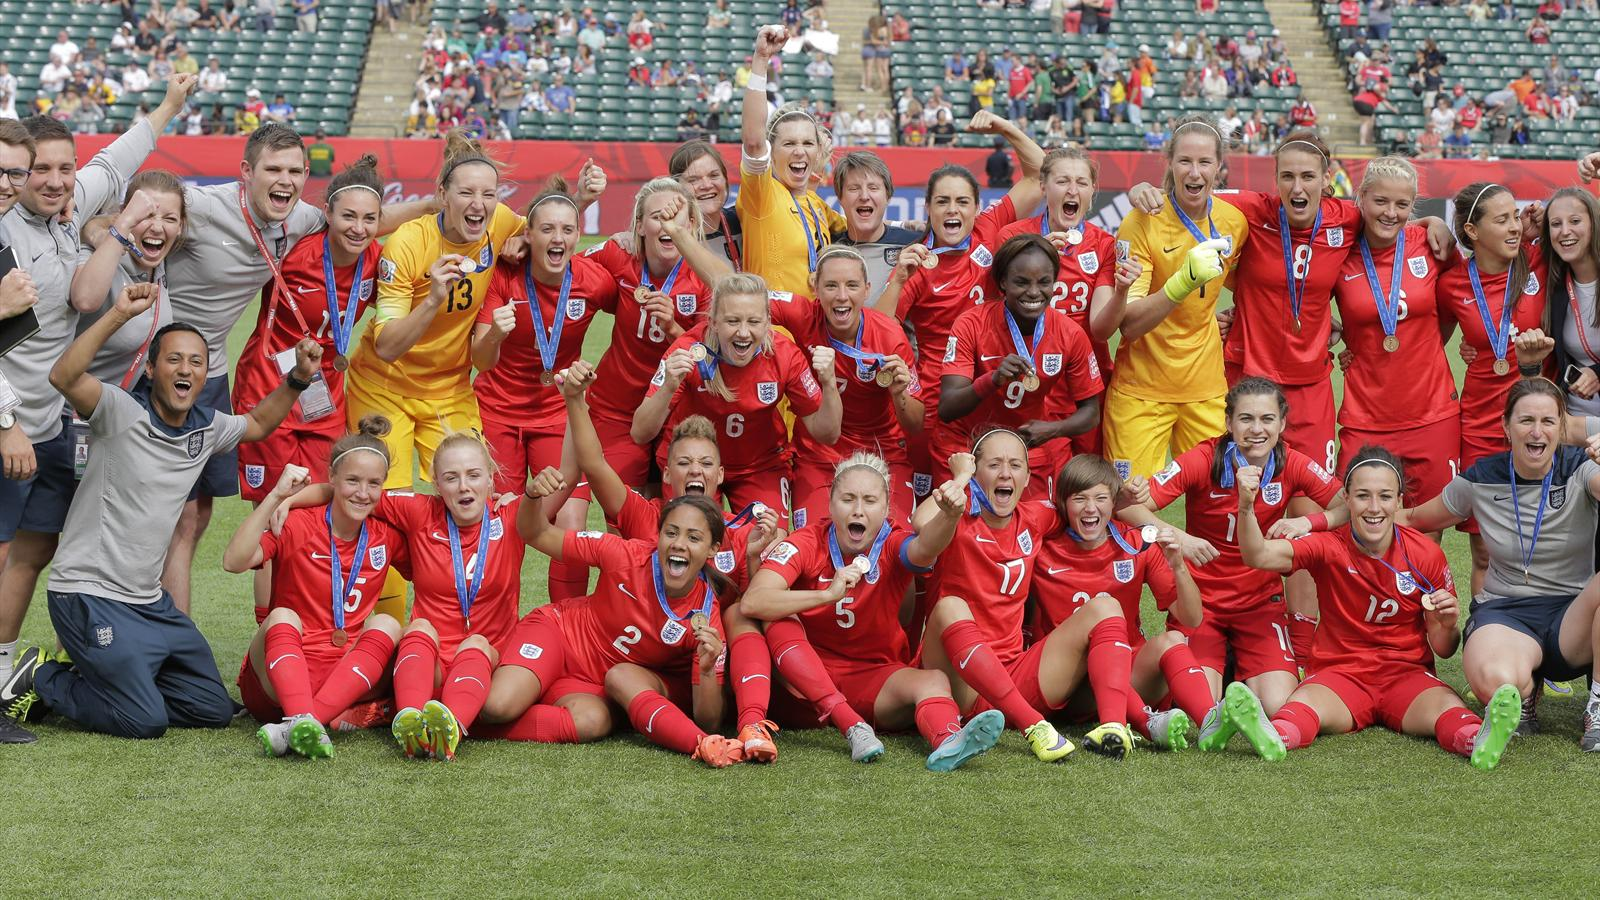 FA slammed after tweet about England Women - Women's World Cup 2019 - Football - Eurosport